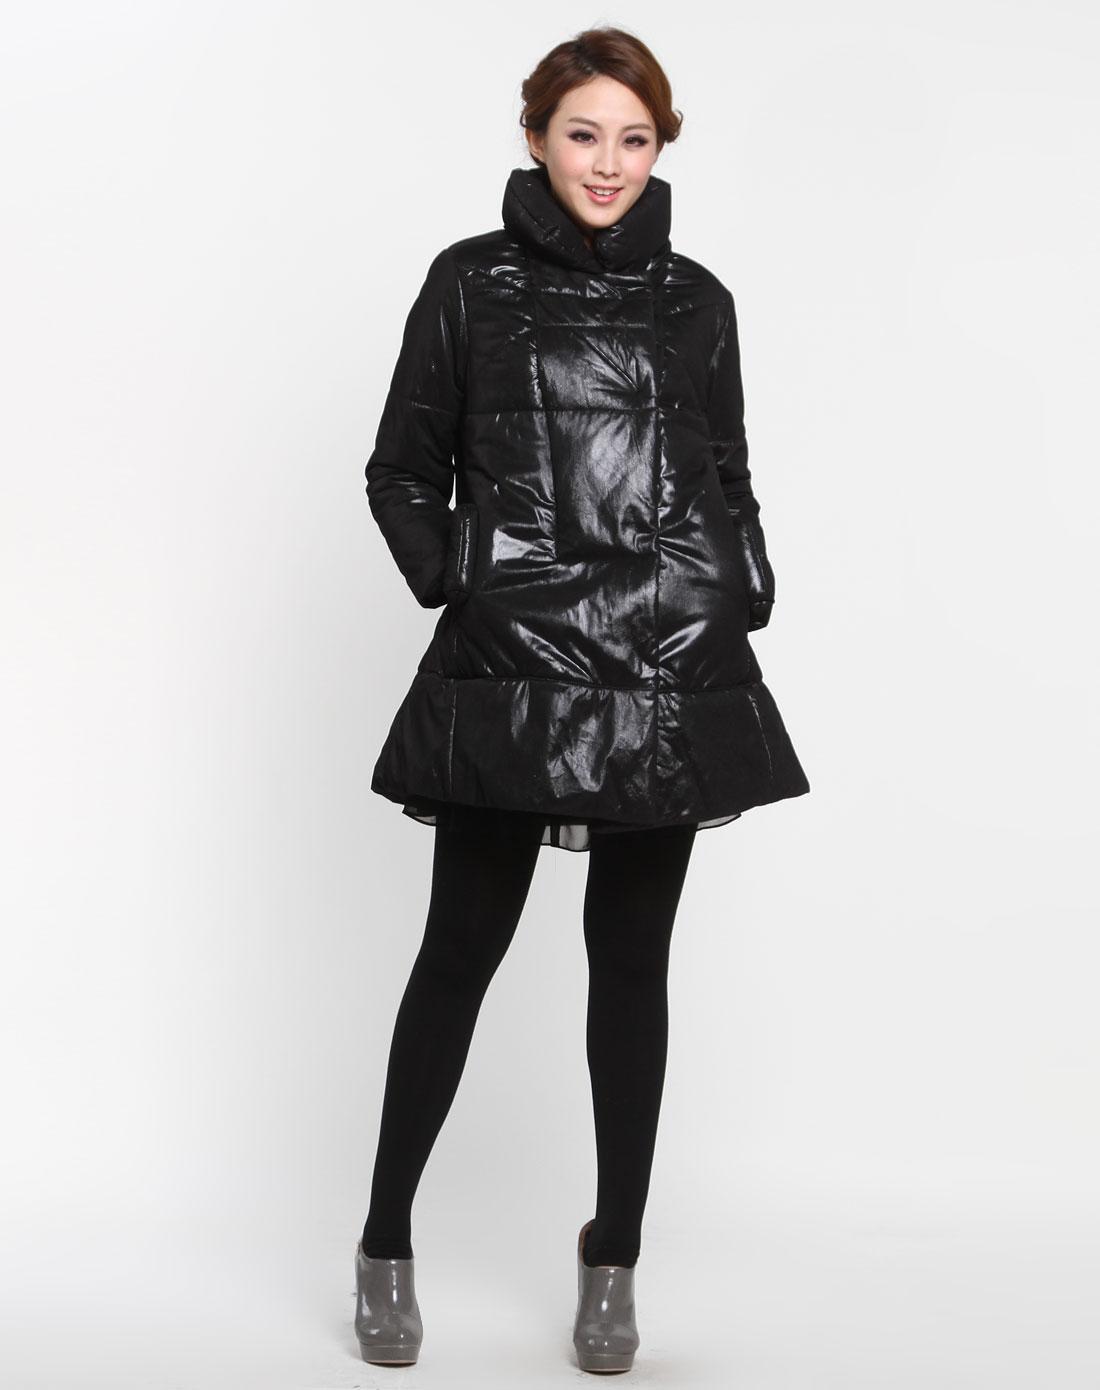 黑色个性时尚长袖棉袄图片